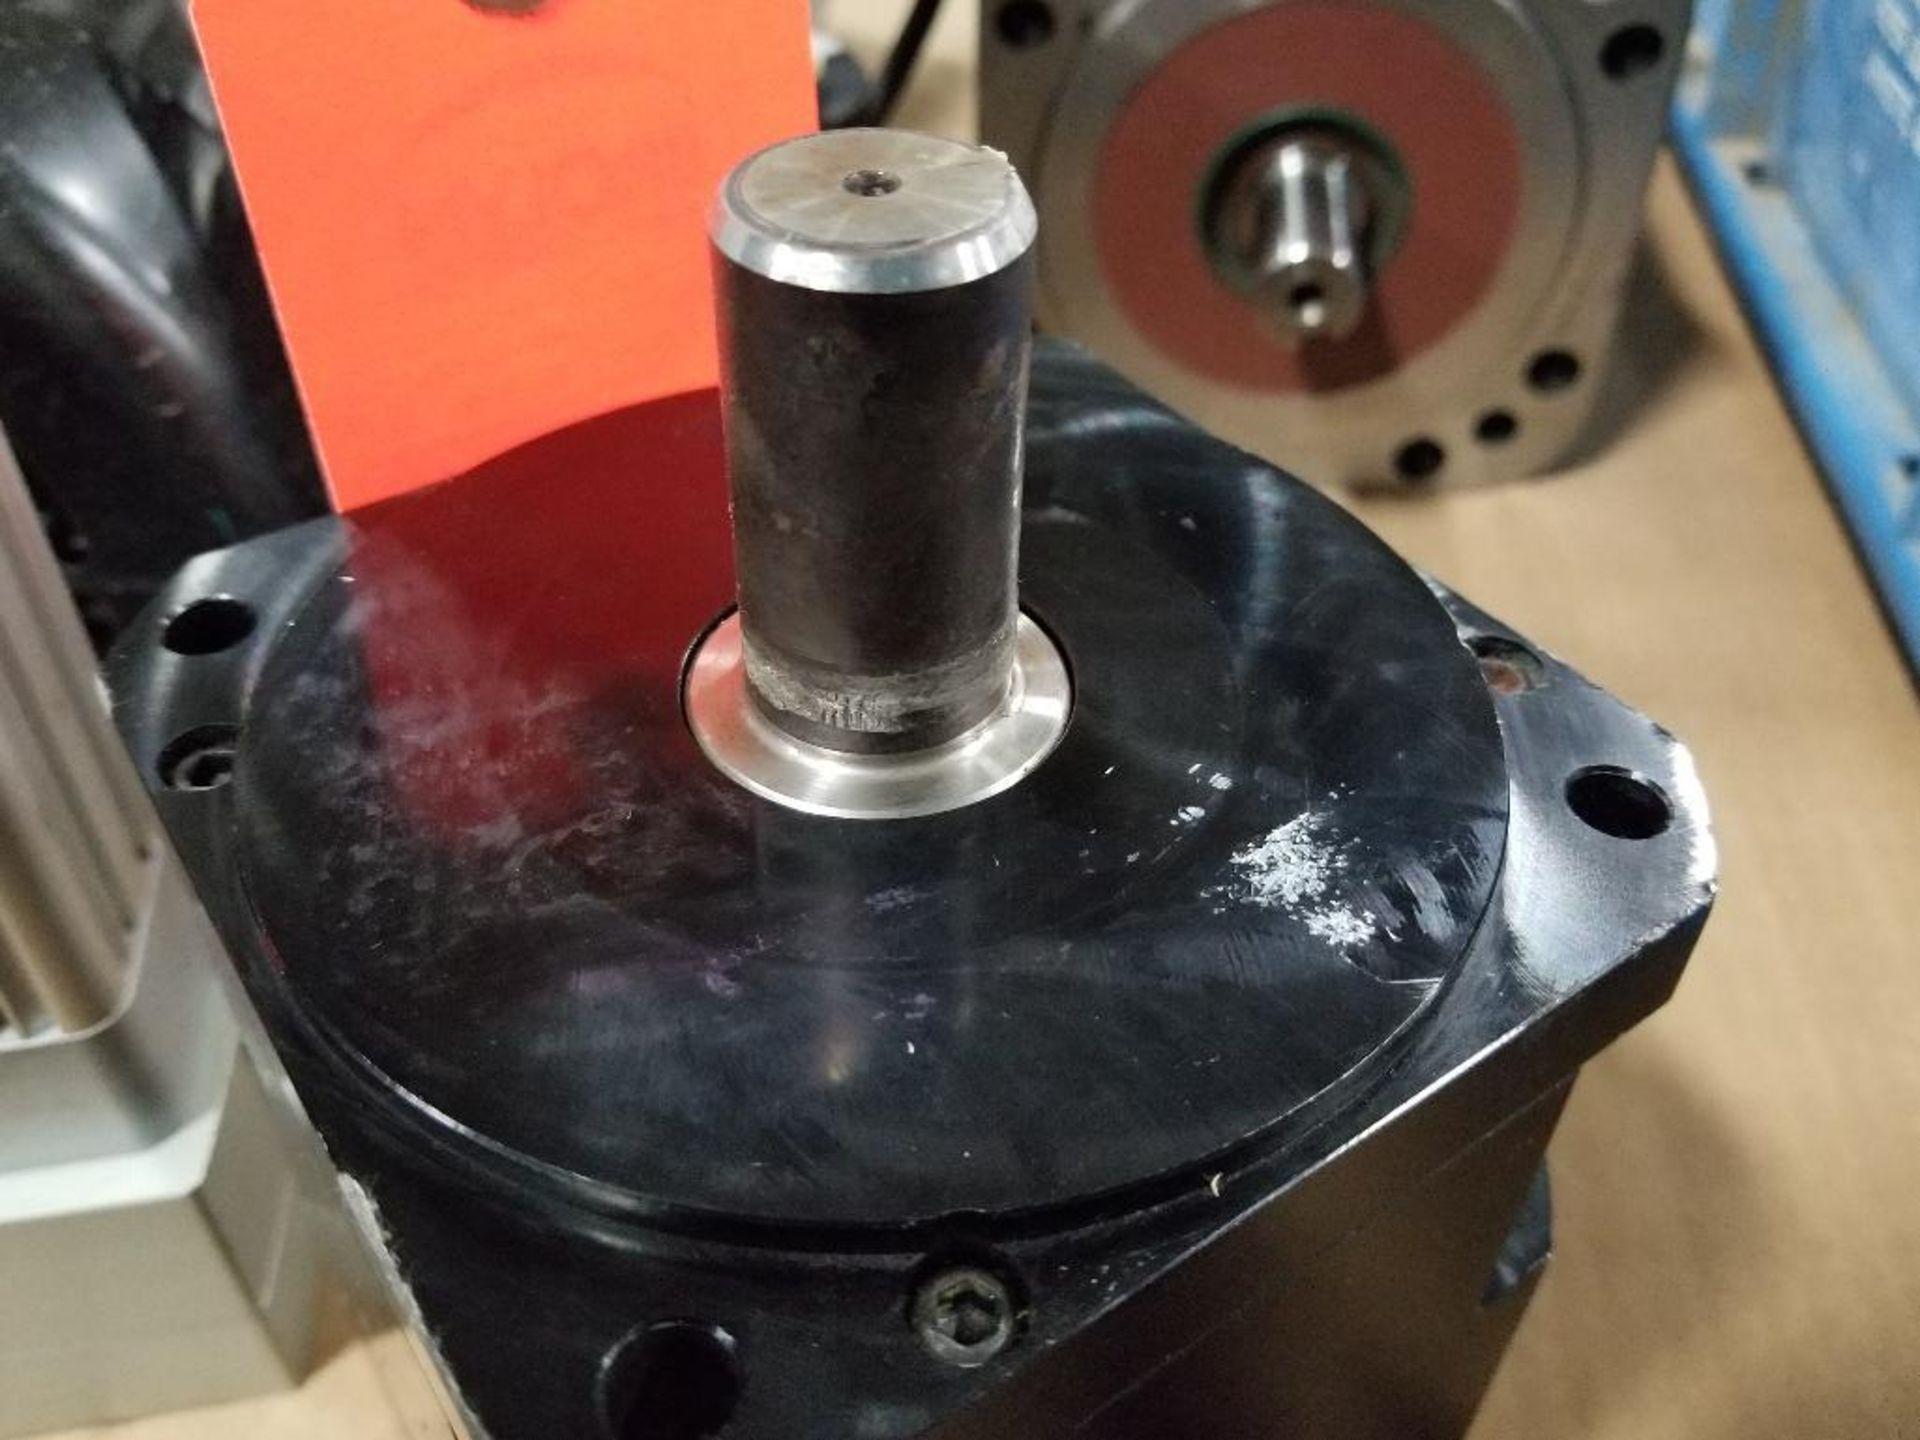 Allen Bradley 1326AB-PGA10-21 Precision Gearhead. 10:1-Raito, Made in USA. - Image 4 of 4